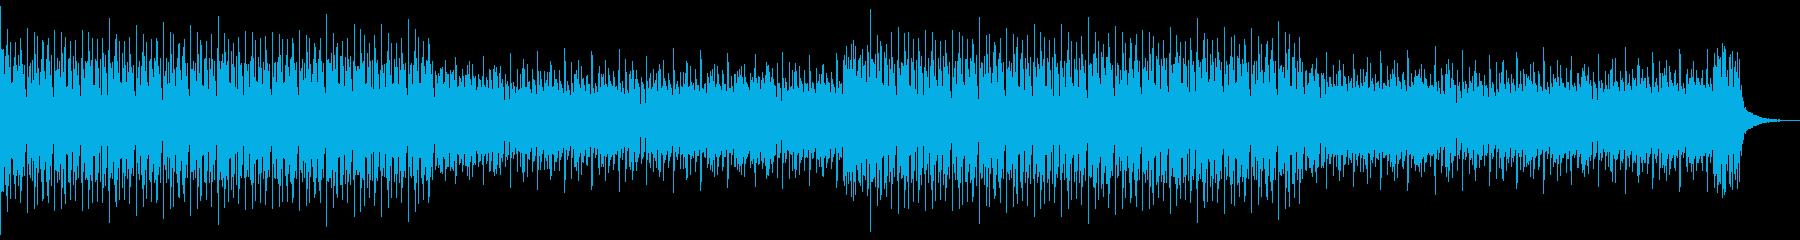 エキサイティング・ダーク・邪悪・幻想的の再生済みの波形